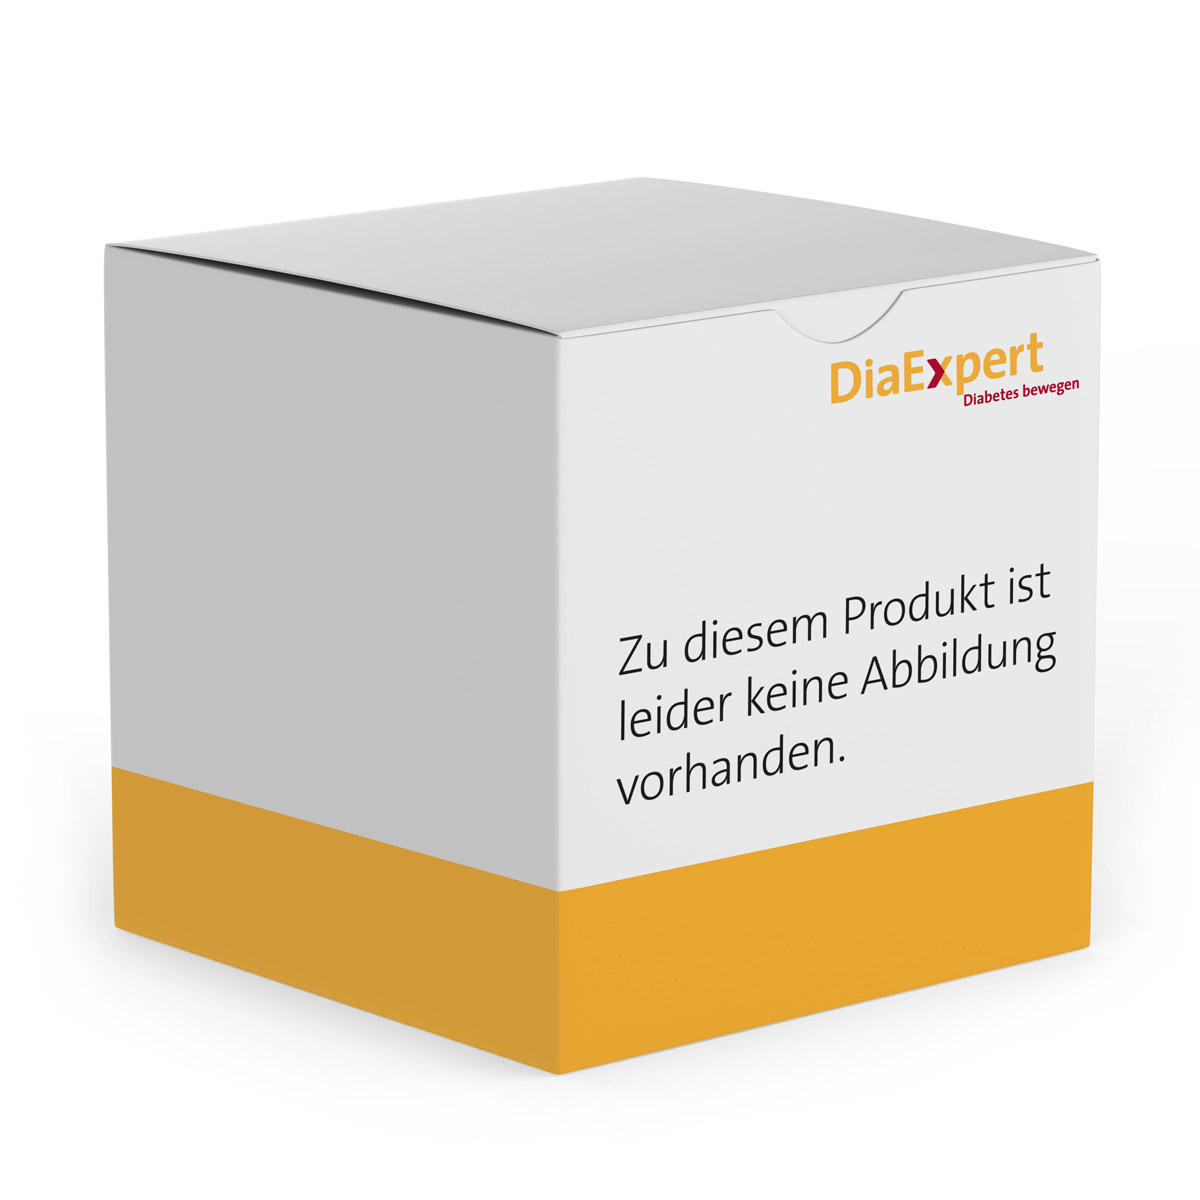 DiaExpert Qualitäts- und Sicherheitsstandards